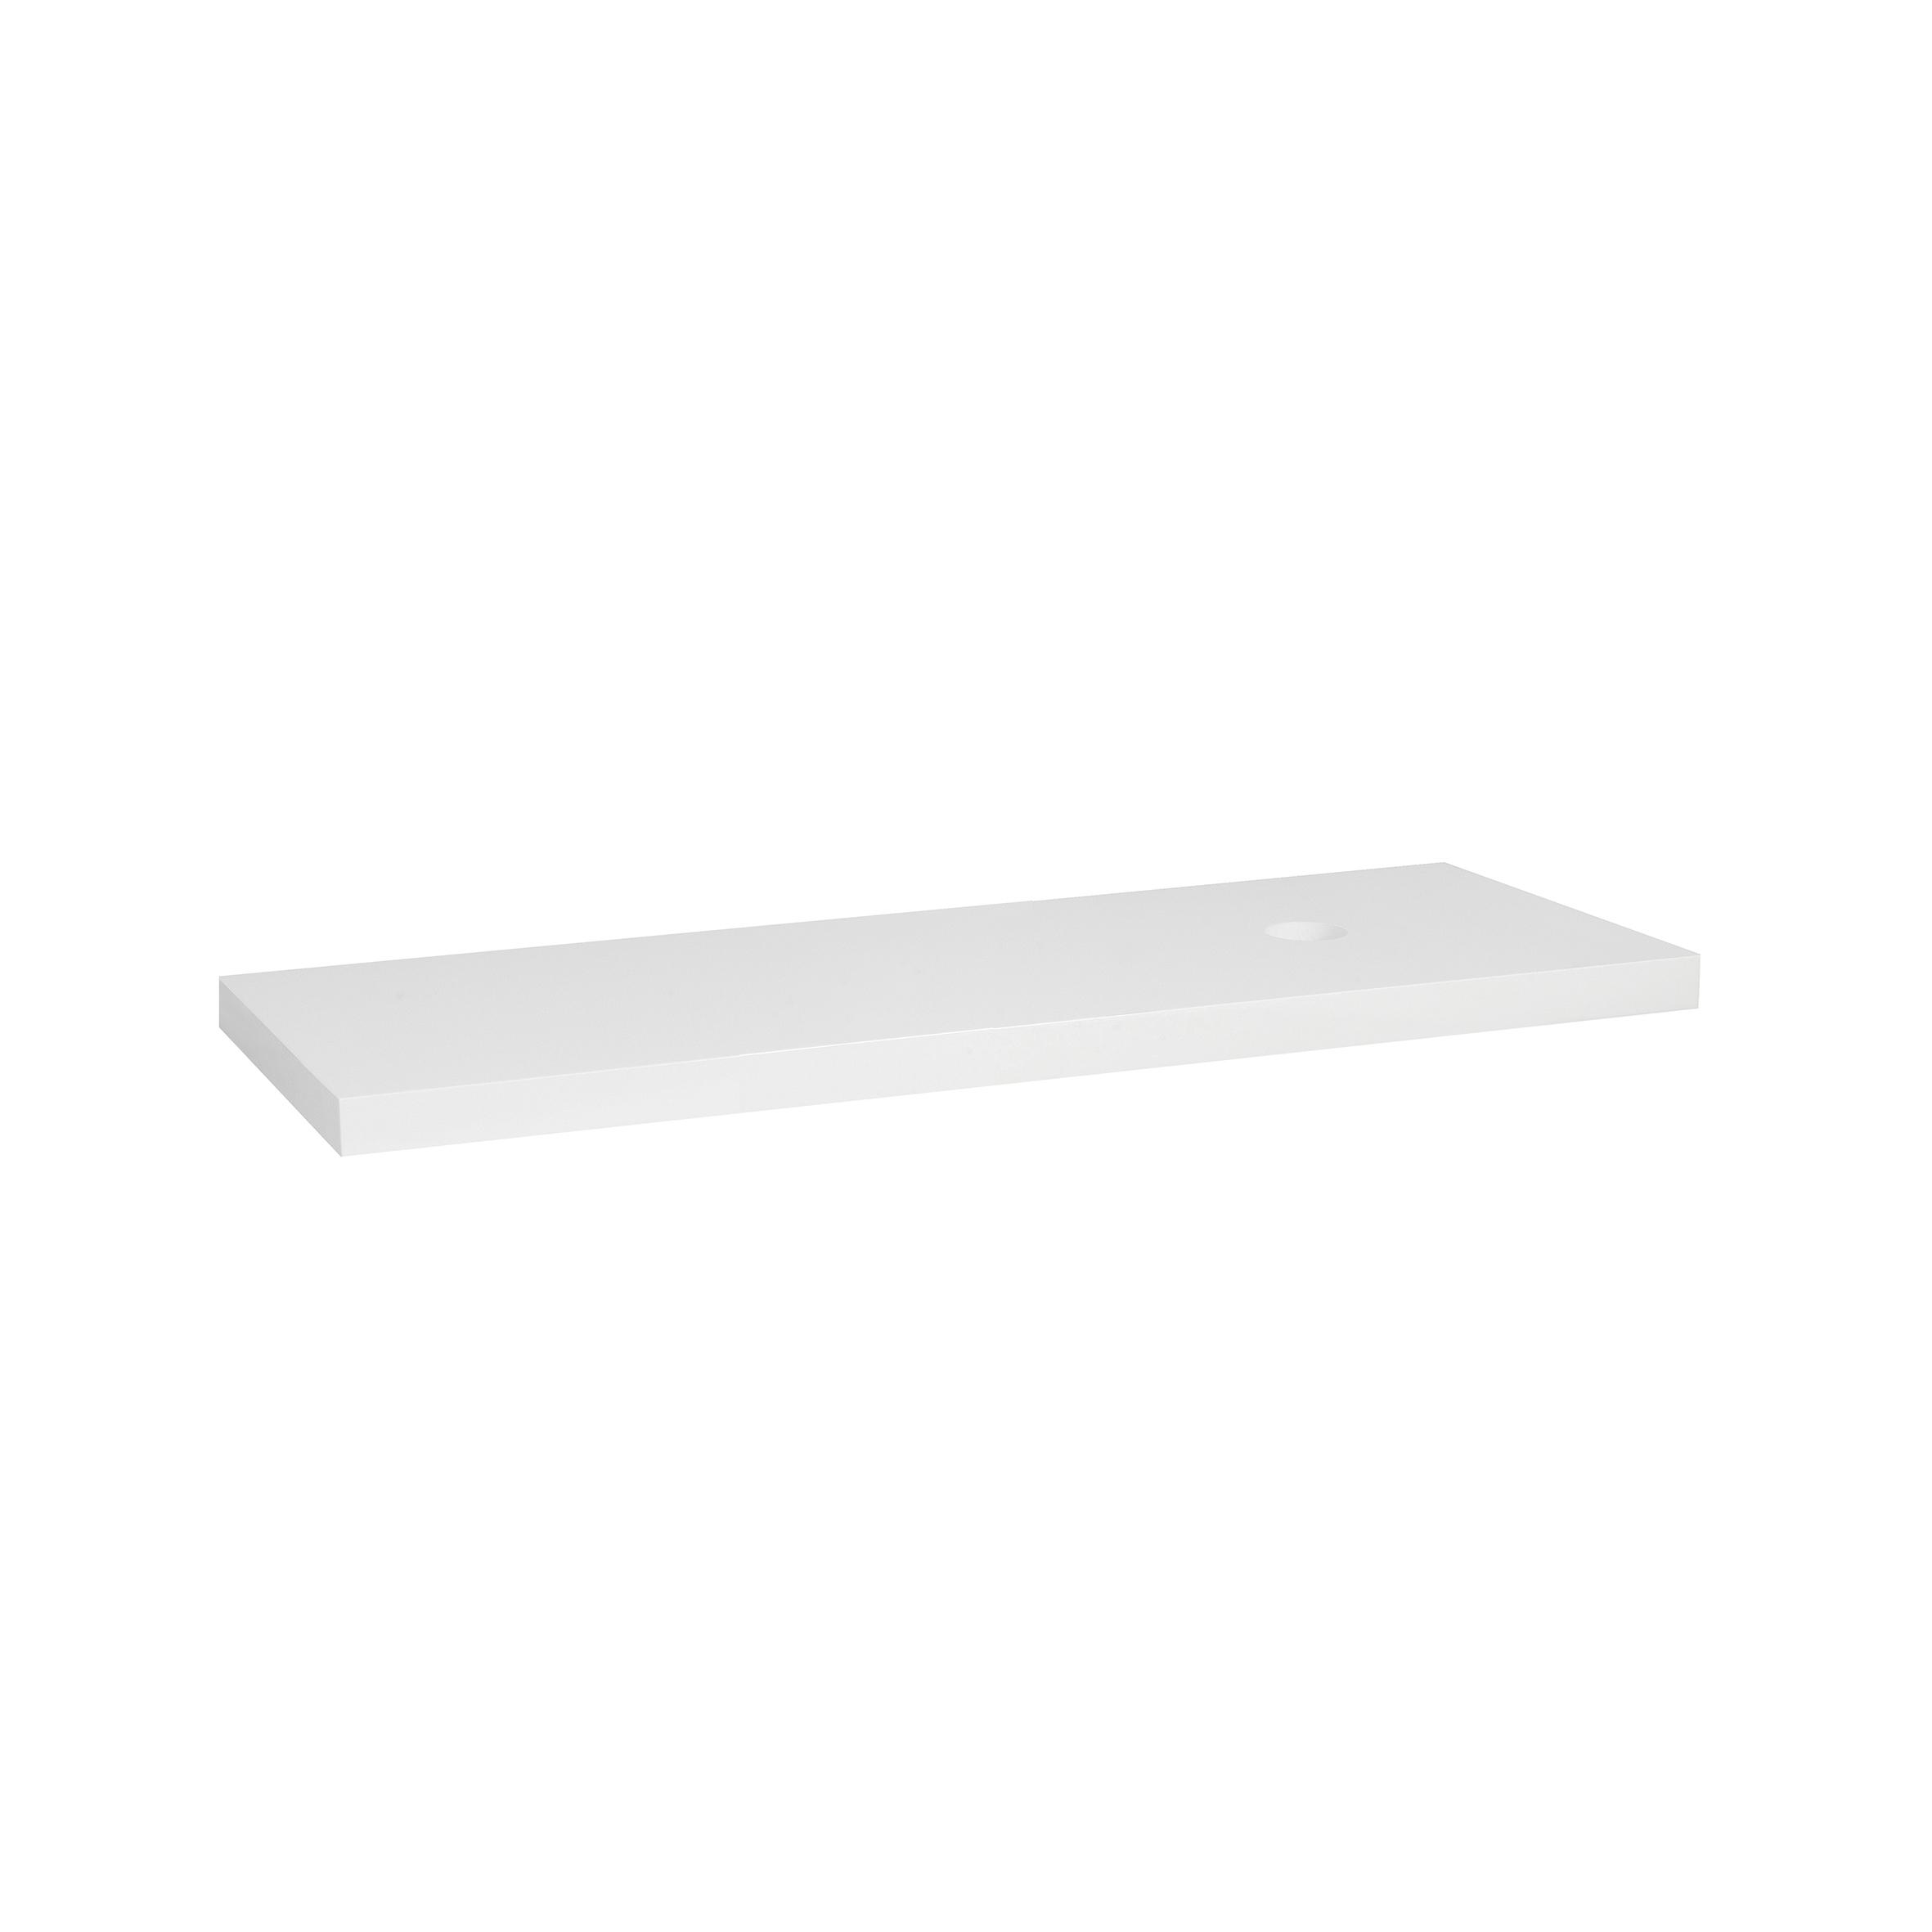 Mueller wastafelblad 100x46x5.5cm 1 gat hoogglans wit